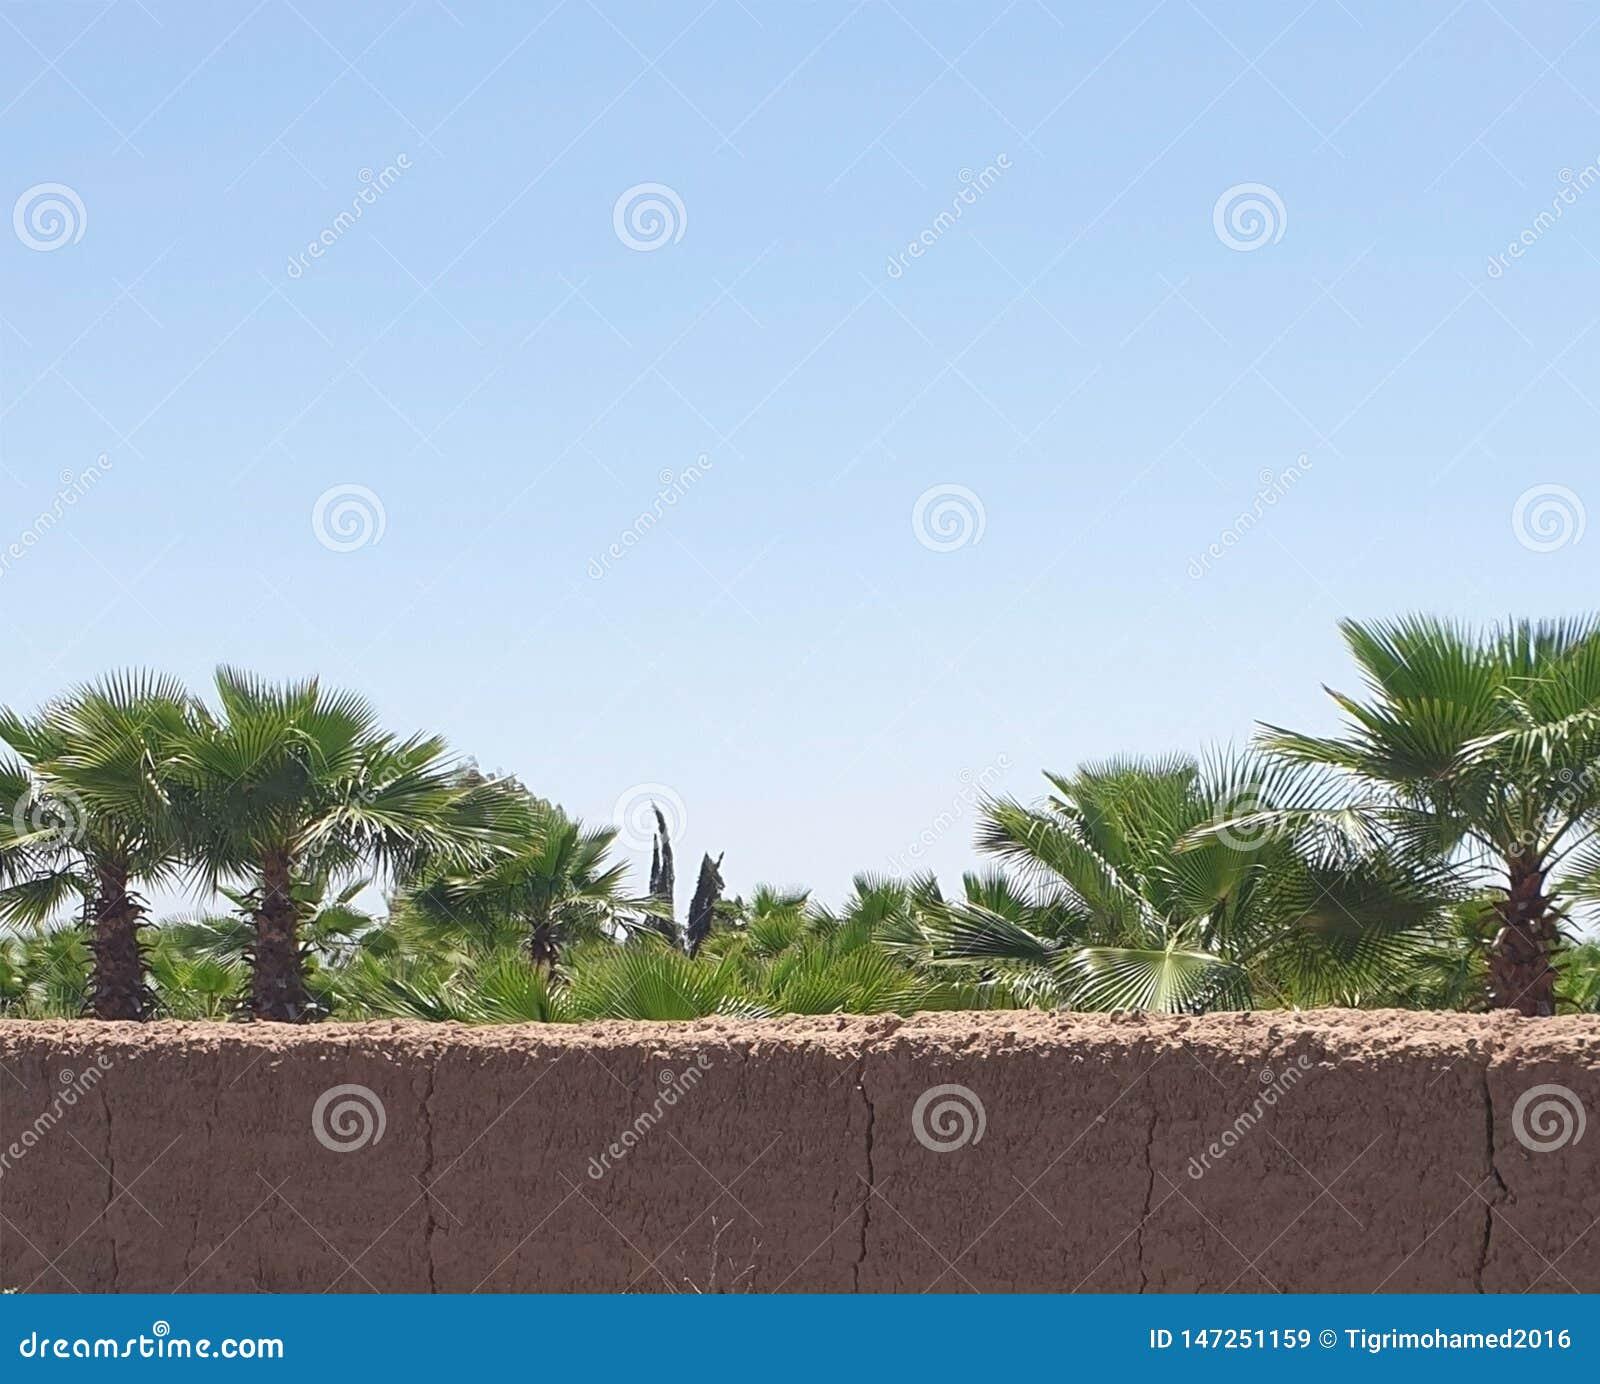 Palm nurseries